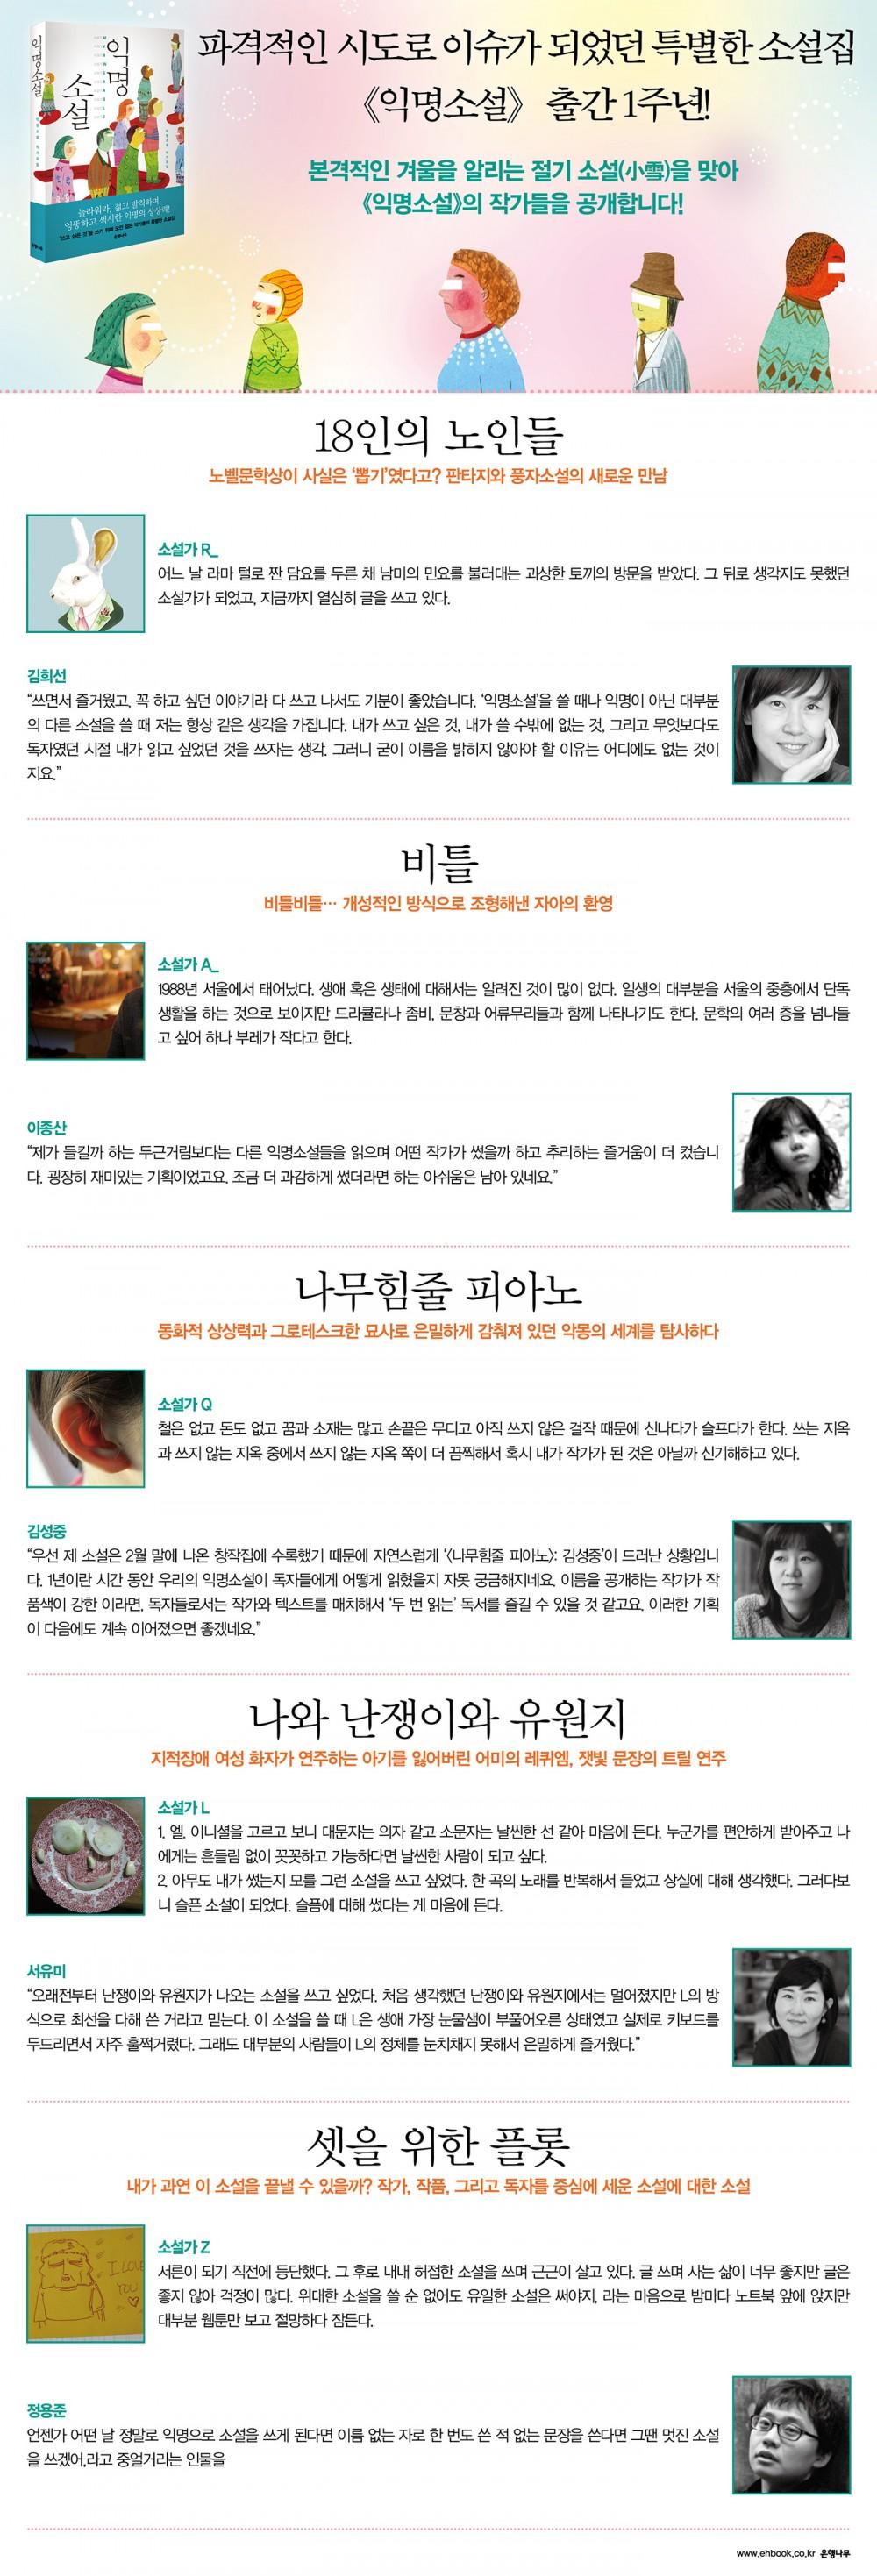 익명소설-공개이벤트2